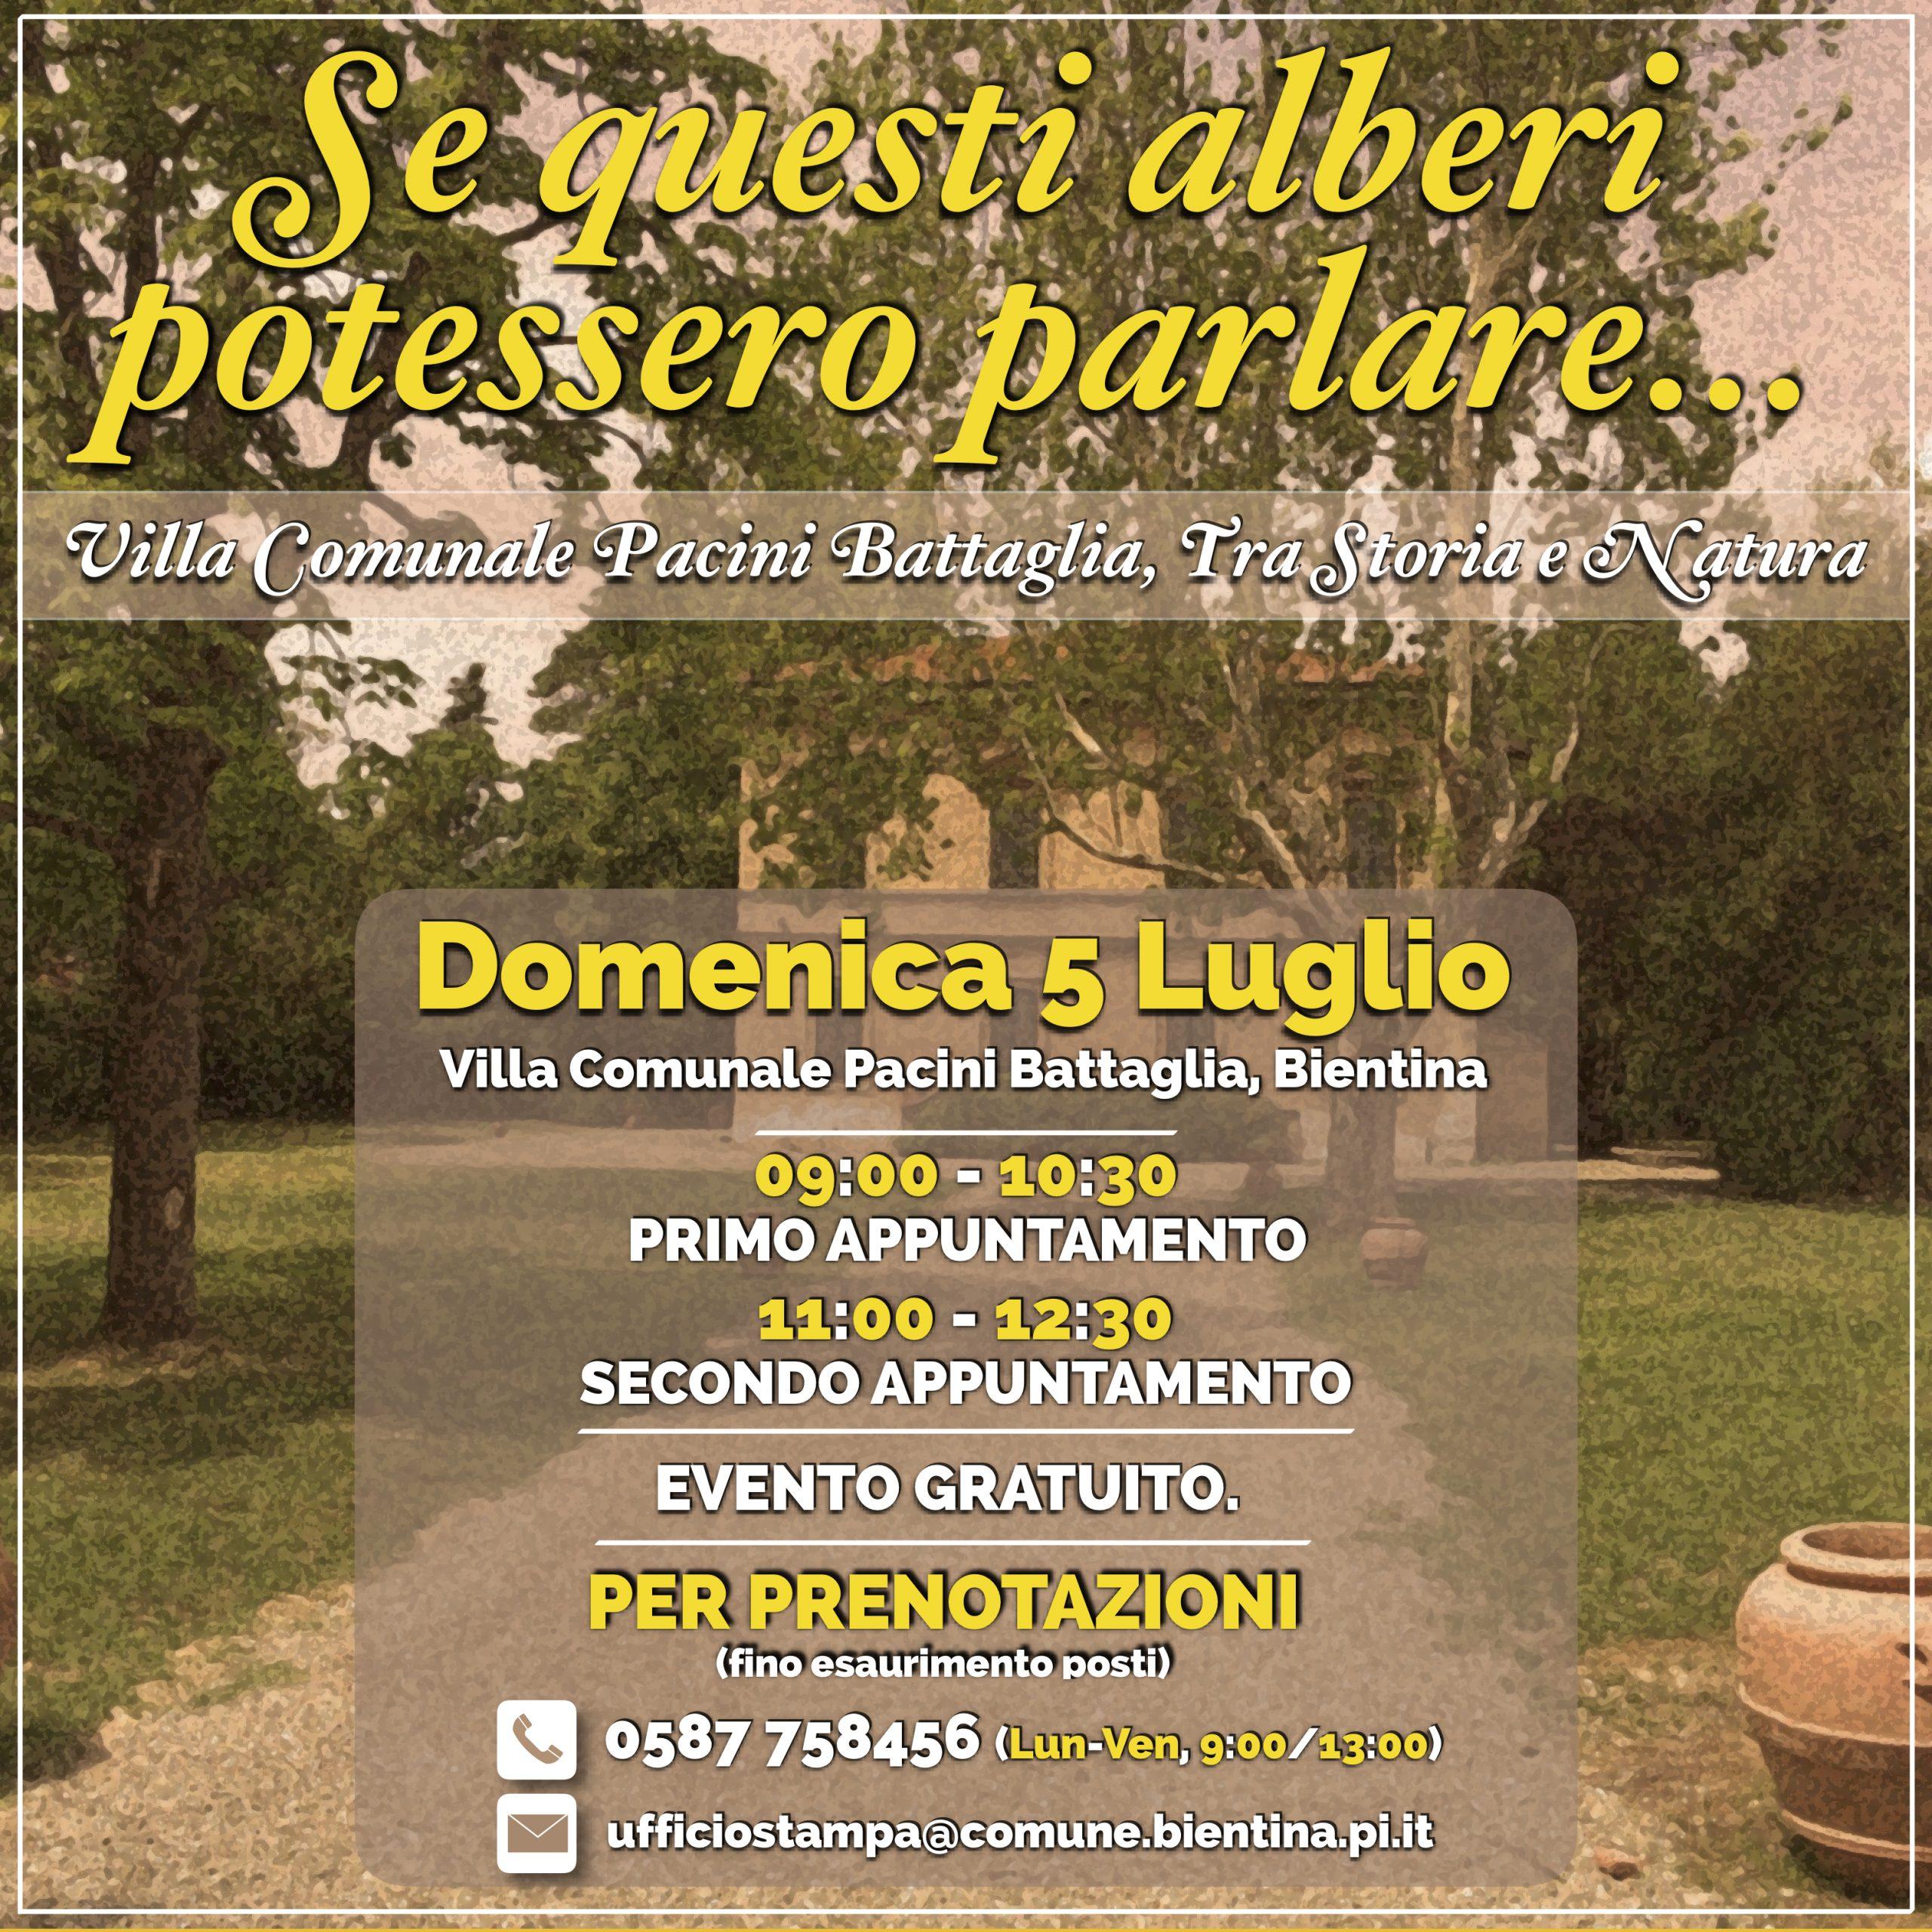 Visita guidata gratuita alla Villa Comunale Pacini Battaglia, tra Storia e  Natura   Bientina